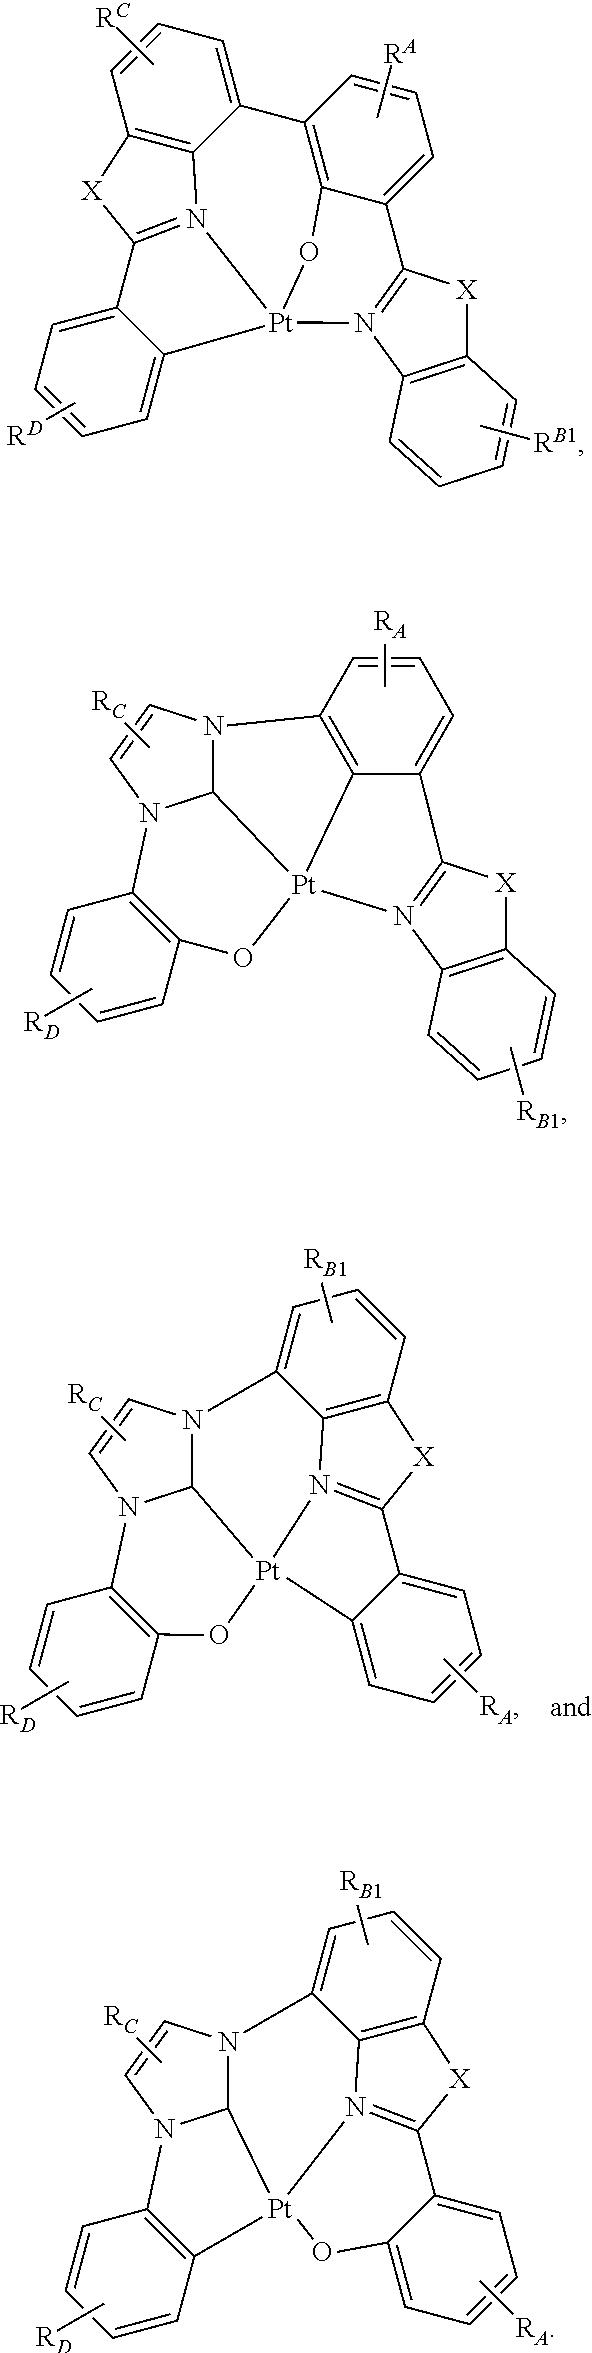 Figure US10144867-20181204-C00009